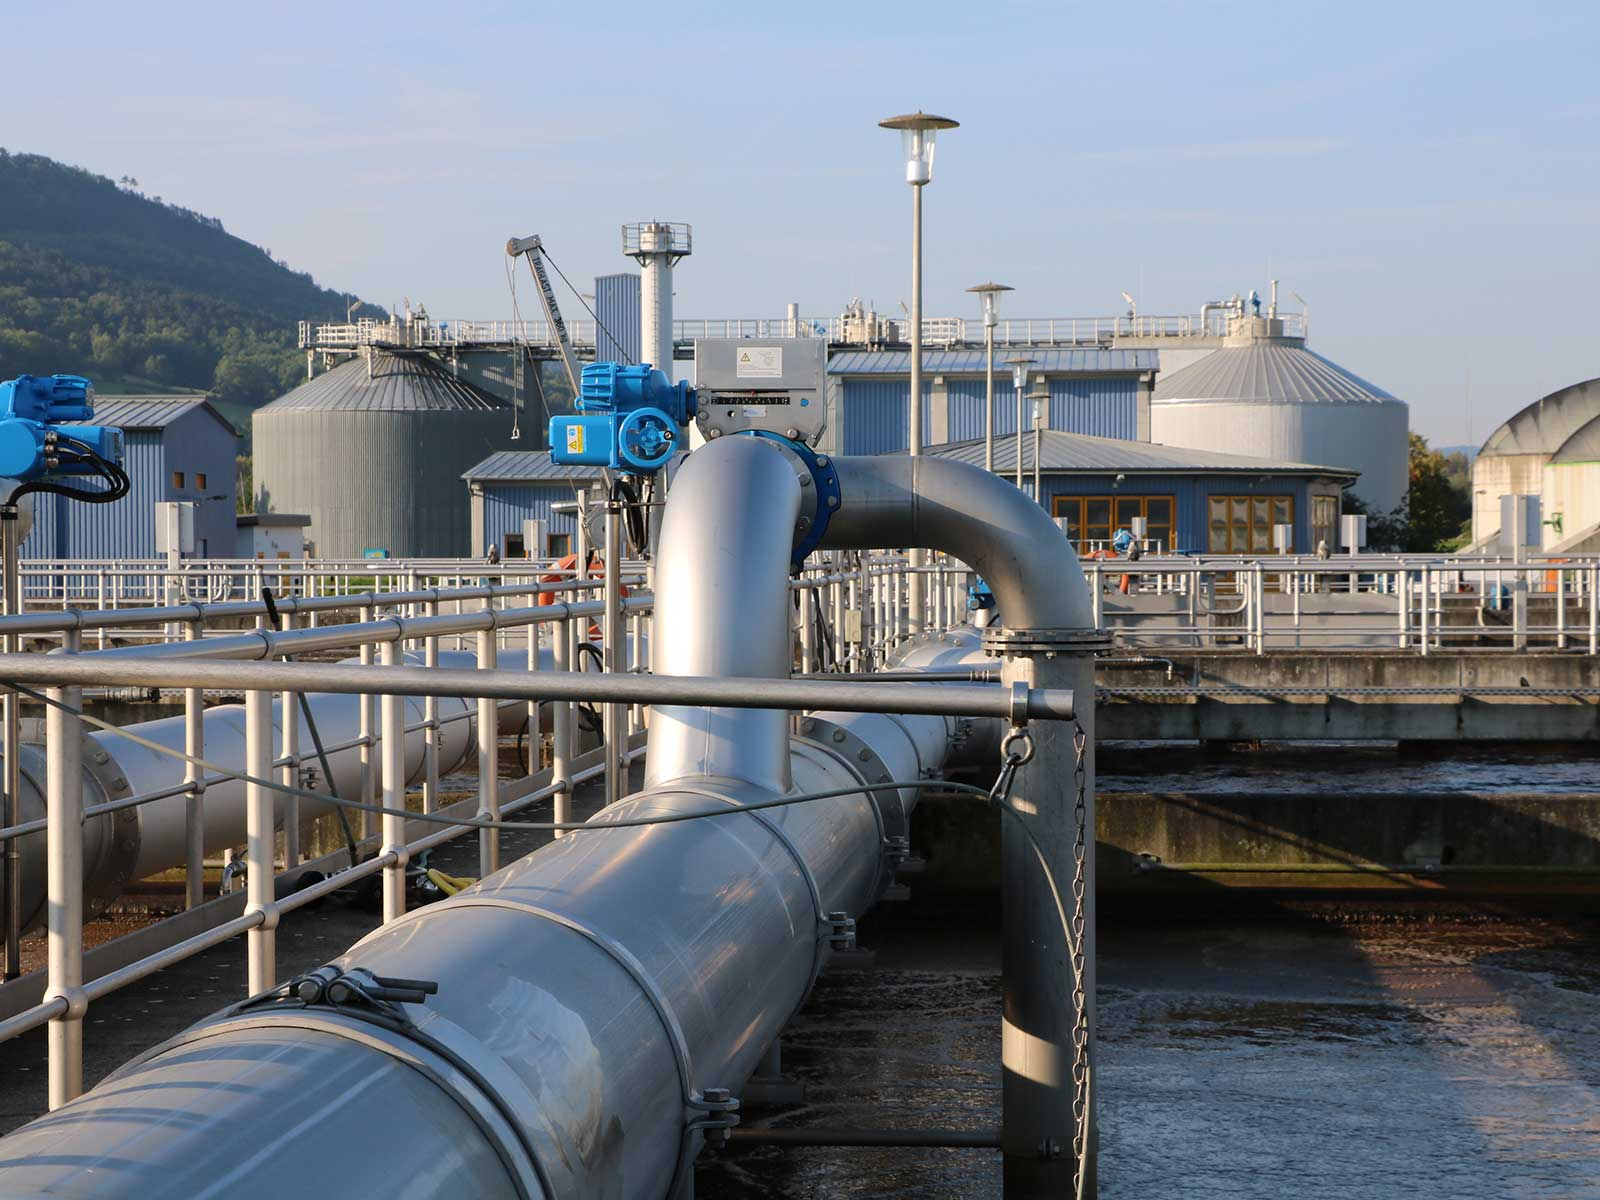 Unsere größte und modernste Anlage: Die Kläranlage Jena mit einer Reinigungskapazität von 210.000 EW.